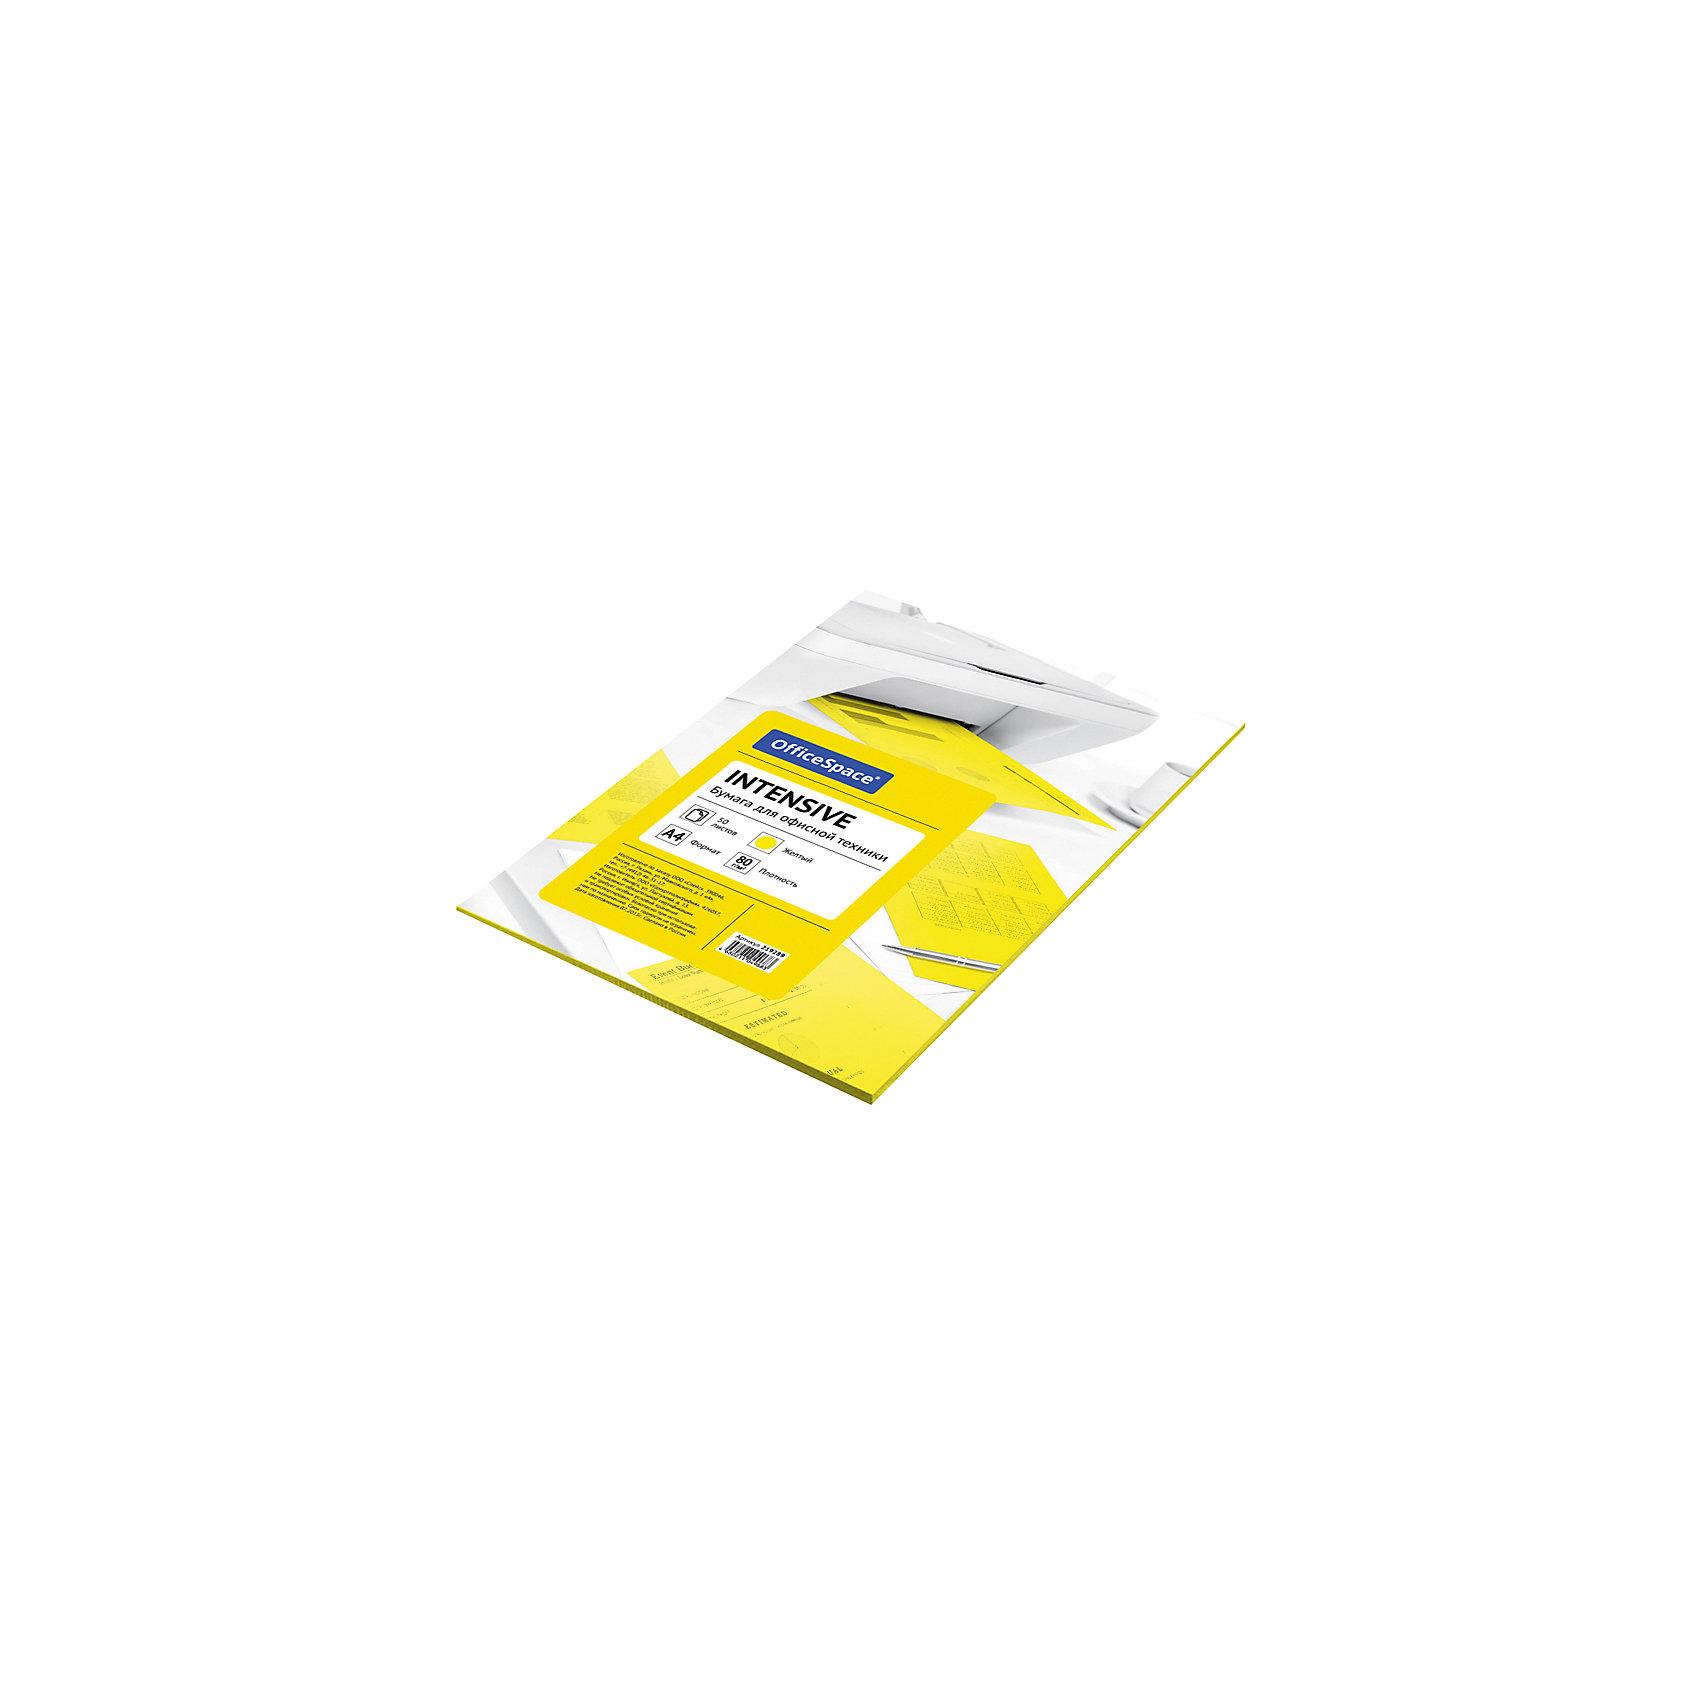 Бумага цветная intensive А4 50 листов OfficeSpace, желтыйБумажная продукция<br>Плотность бумаги: 80 <br>Формат : A4<br>Количество листов: 50<br>Цвет: желтый<br>Насыщенность цвета: интенсивный<br>Толщина: 103<br>Непрозрачность: 92<br>Количество цветов в пачке: 1<br>Количество пачек в коробке: 20<br>Цветная бумага формата А4, плотность 80 г/м2, цвет - желтый интенсив, 50 листов, упаковка - т/у пленка с картонной подложкой.<br><br>Ширина мм: 300<br>Глубина мм: 210<br>Высота мм: 6<br>Вес г: 300<br>Возраст от месяцев: 60<br>Возраст до месяцев: 2147483647<br>Пол: Унисекс<br>Возраст: Детский<br>SKU: 7044311